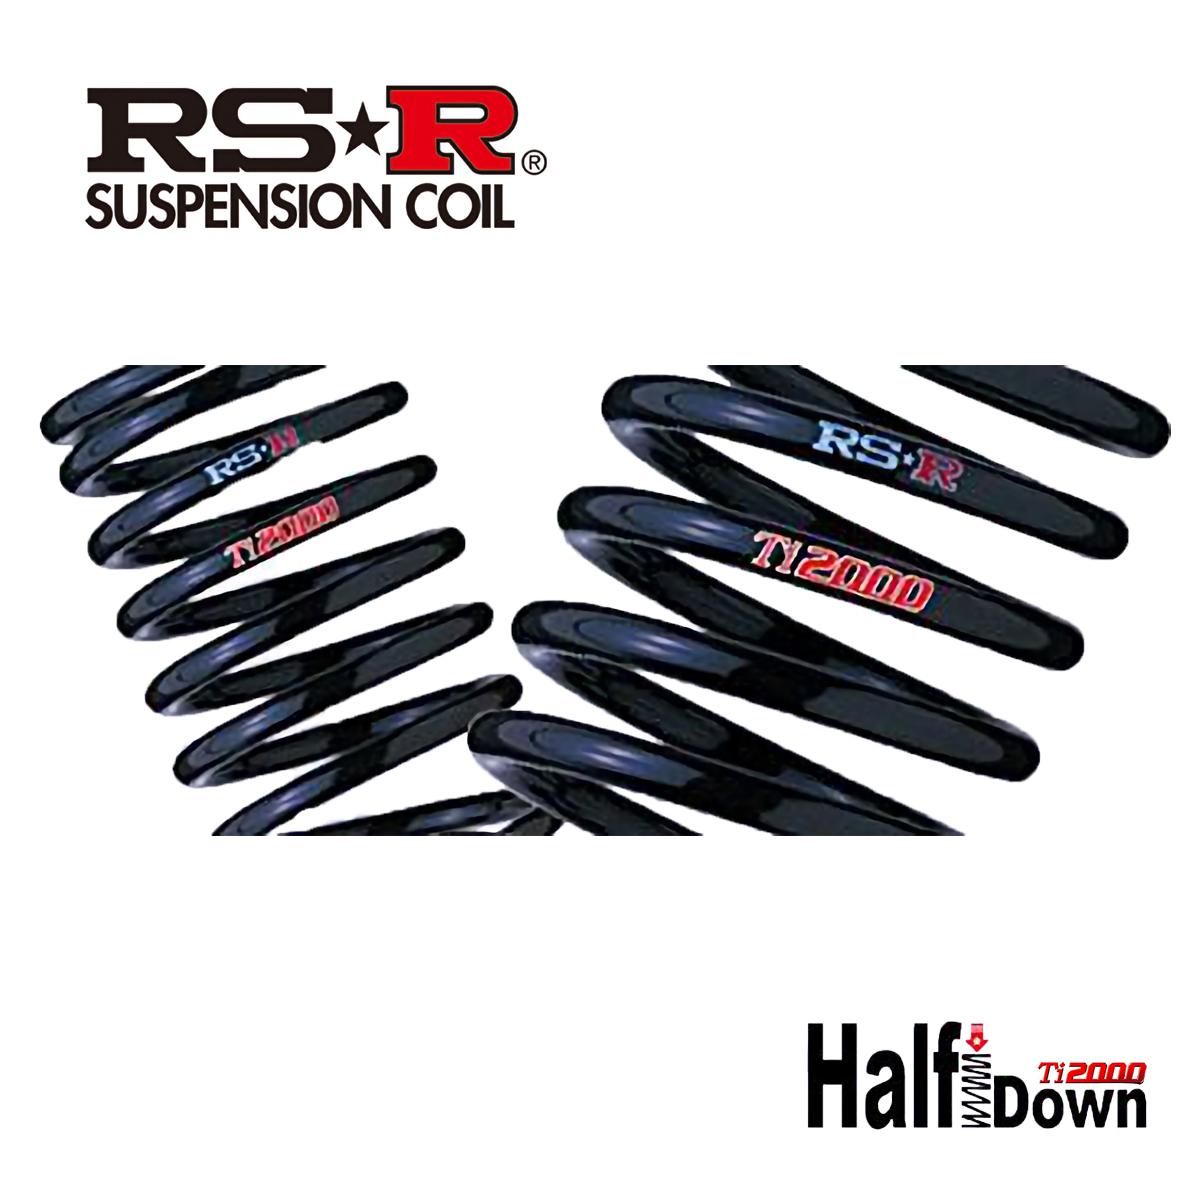 RS-R オデッセイハイブリッド ハイブリッドアブソルート・ホンダセンシングEXパッケージ RC4 ダウンサス スプリング 1台分 H503TW Ti2000 ダウン RSR 個人宅発送追金有